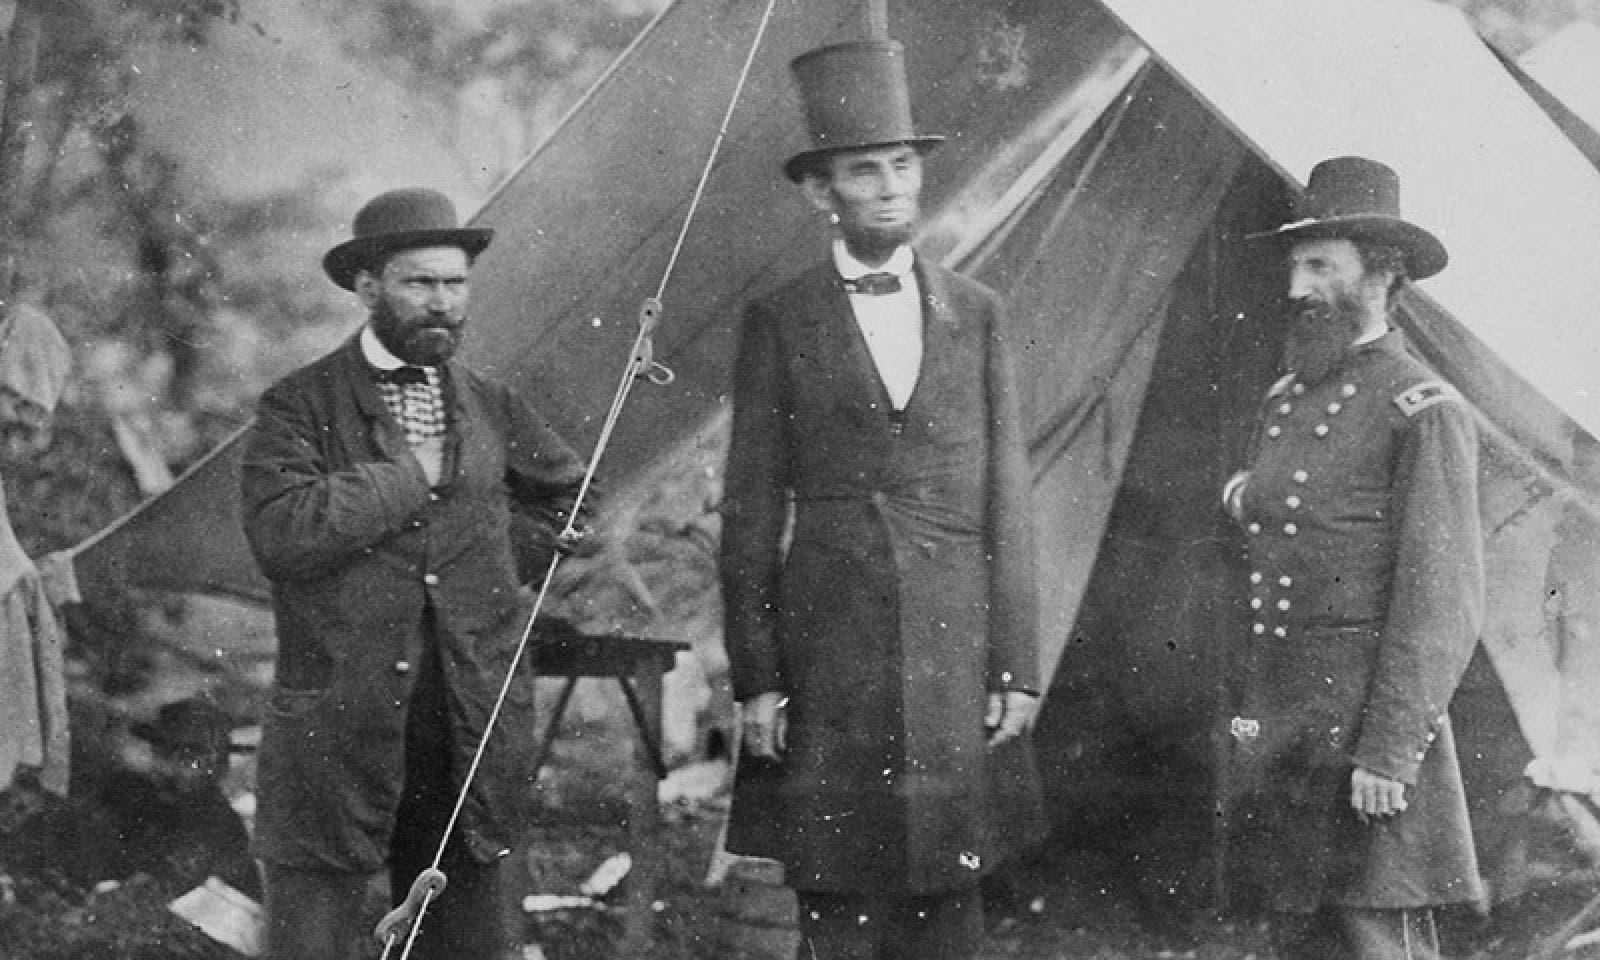 صورة فوتوغرافية للرئيس لينكولن رفقة عدد من جنرالاته